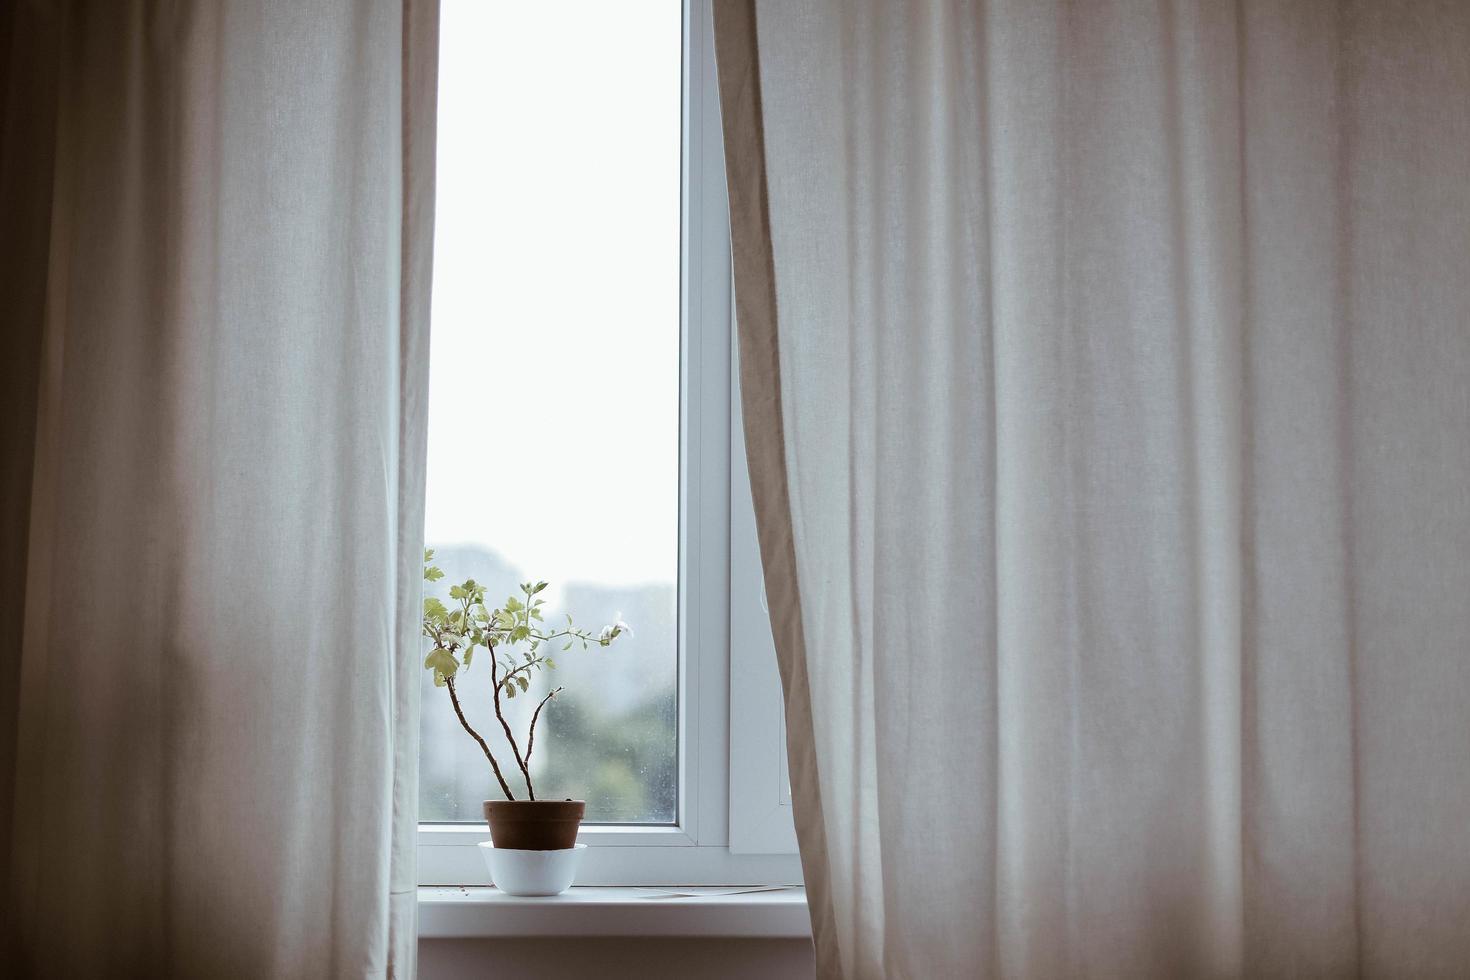 pianta in vaso sul davanzale della finestra con tende foto